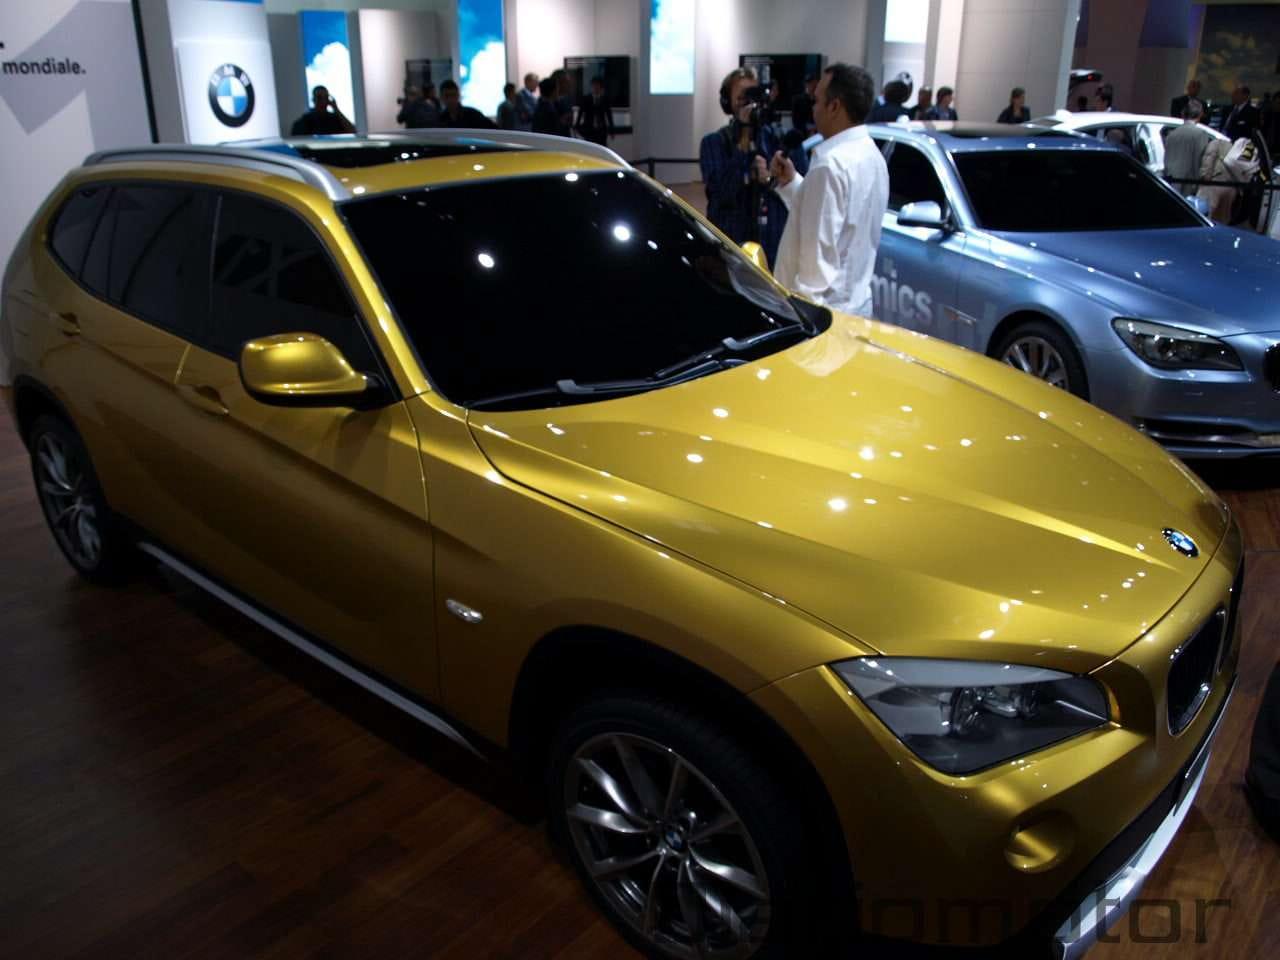 Bmw X1 Concept 2 (49 Images) - HD Car Wallpaper